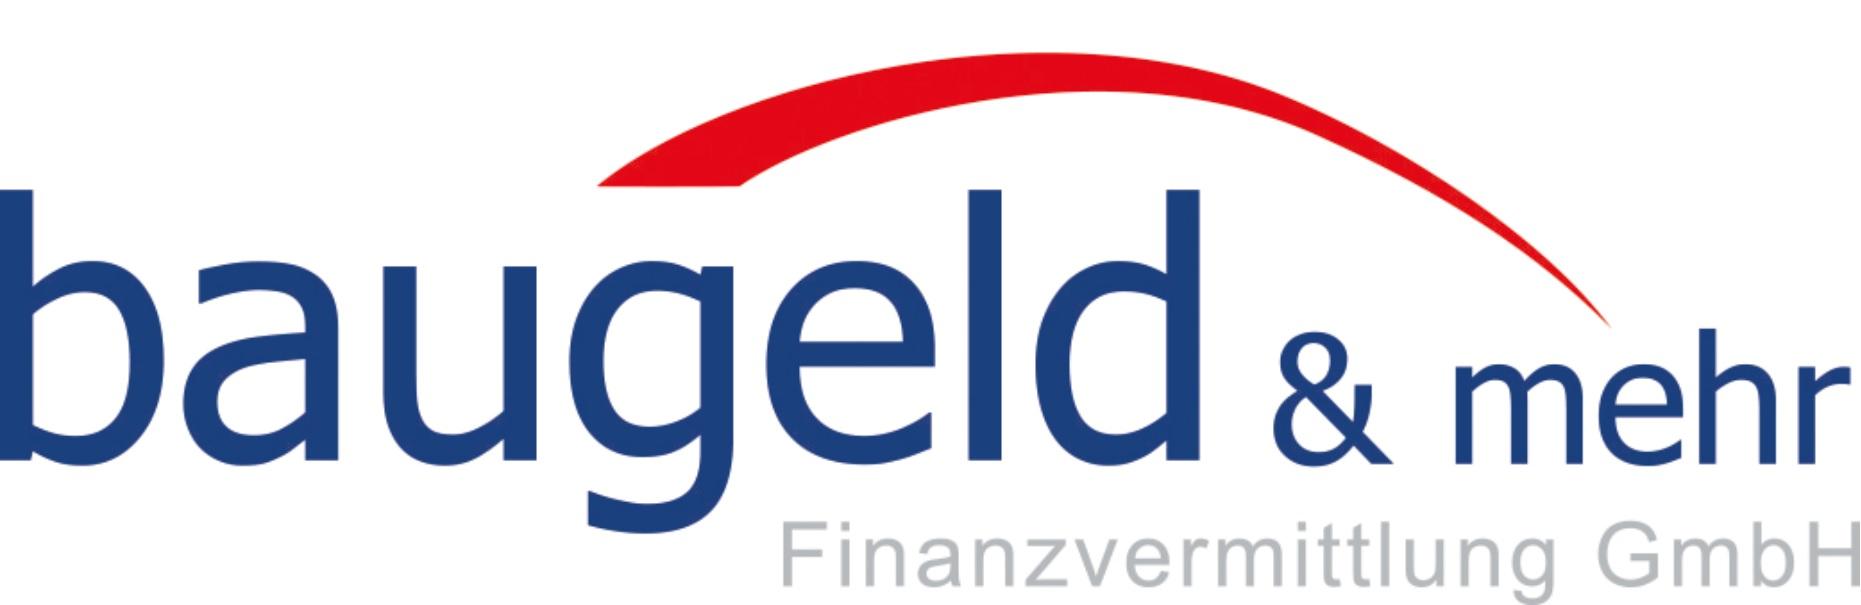 baugeld & mehr Finanzvermittlung GmbH - Baufinanzierung, Privatkredite, Bausparen